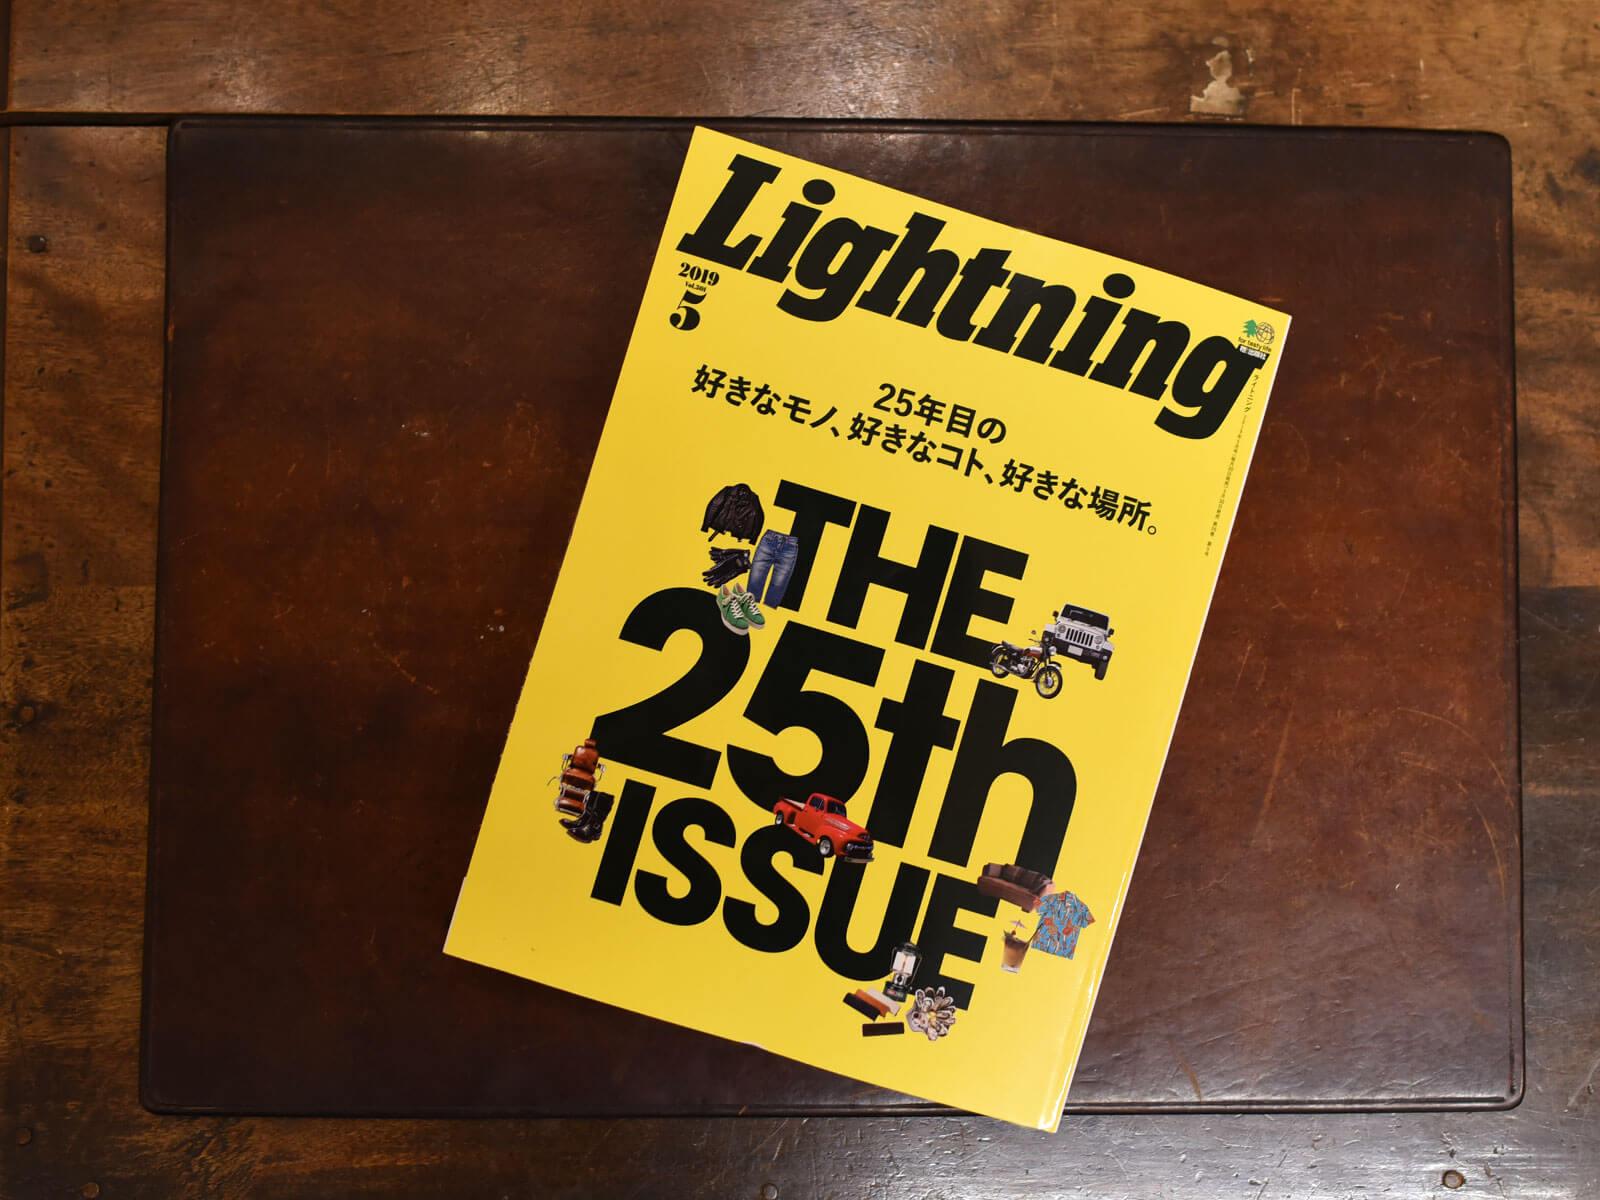 雑誌掲載のお知らせ「Lightning 2019年5月号 Vol.301」